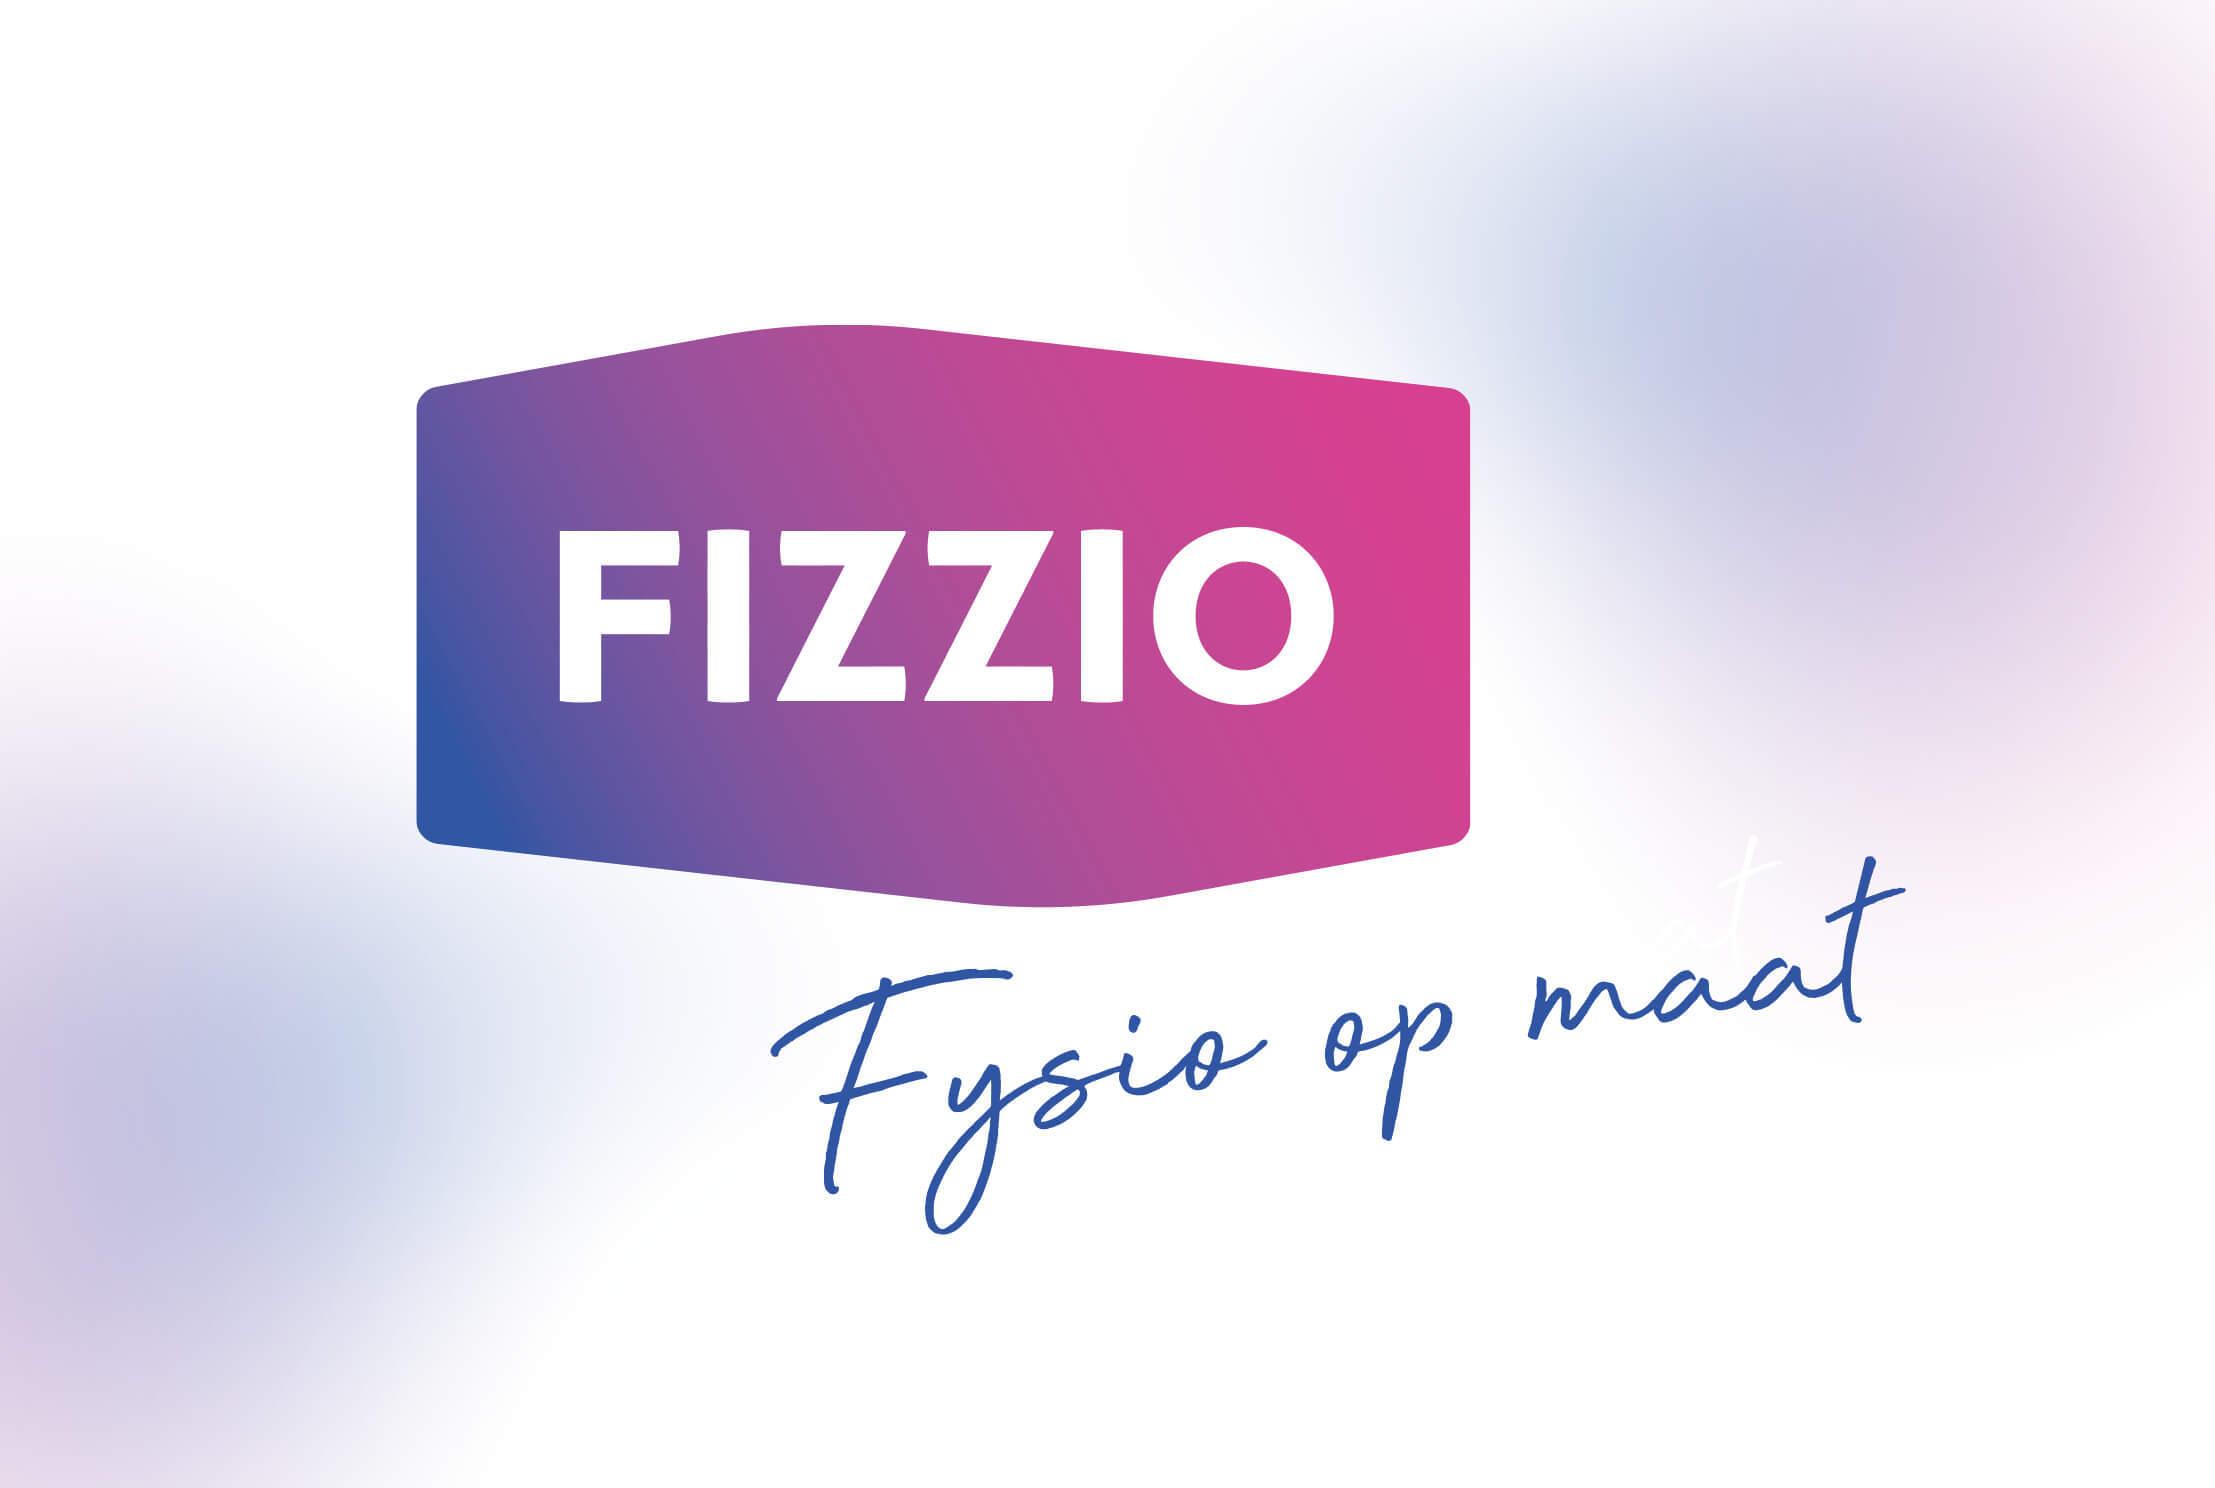 https://brandmatters.nl/app/uploads/2020/06/FBH20.03-logo3-1.jpg